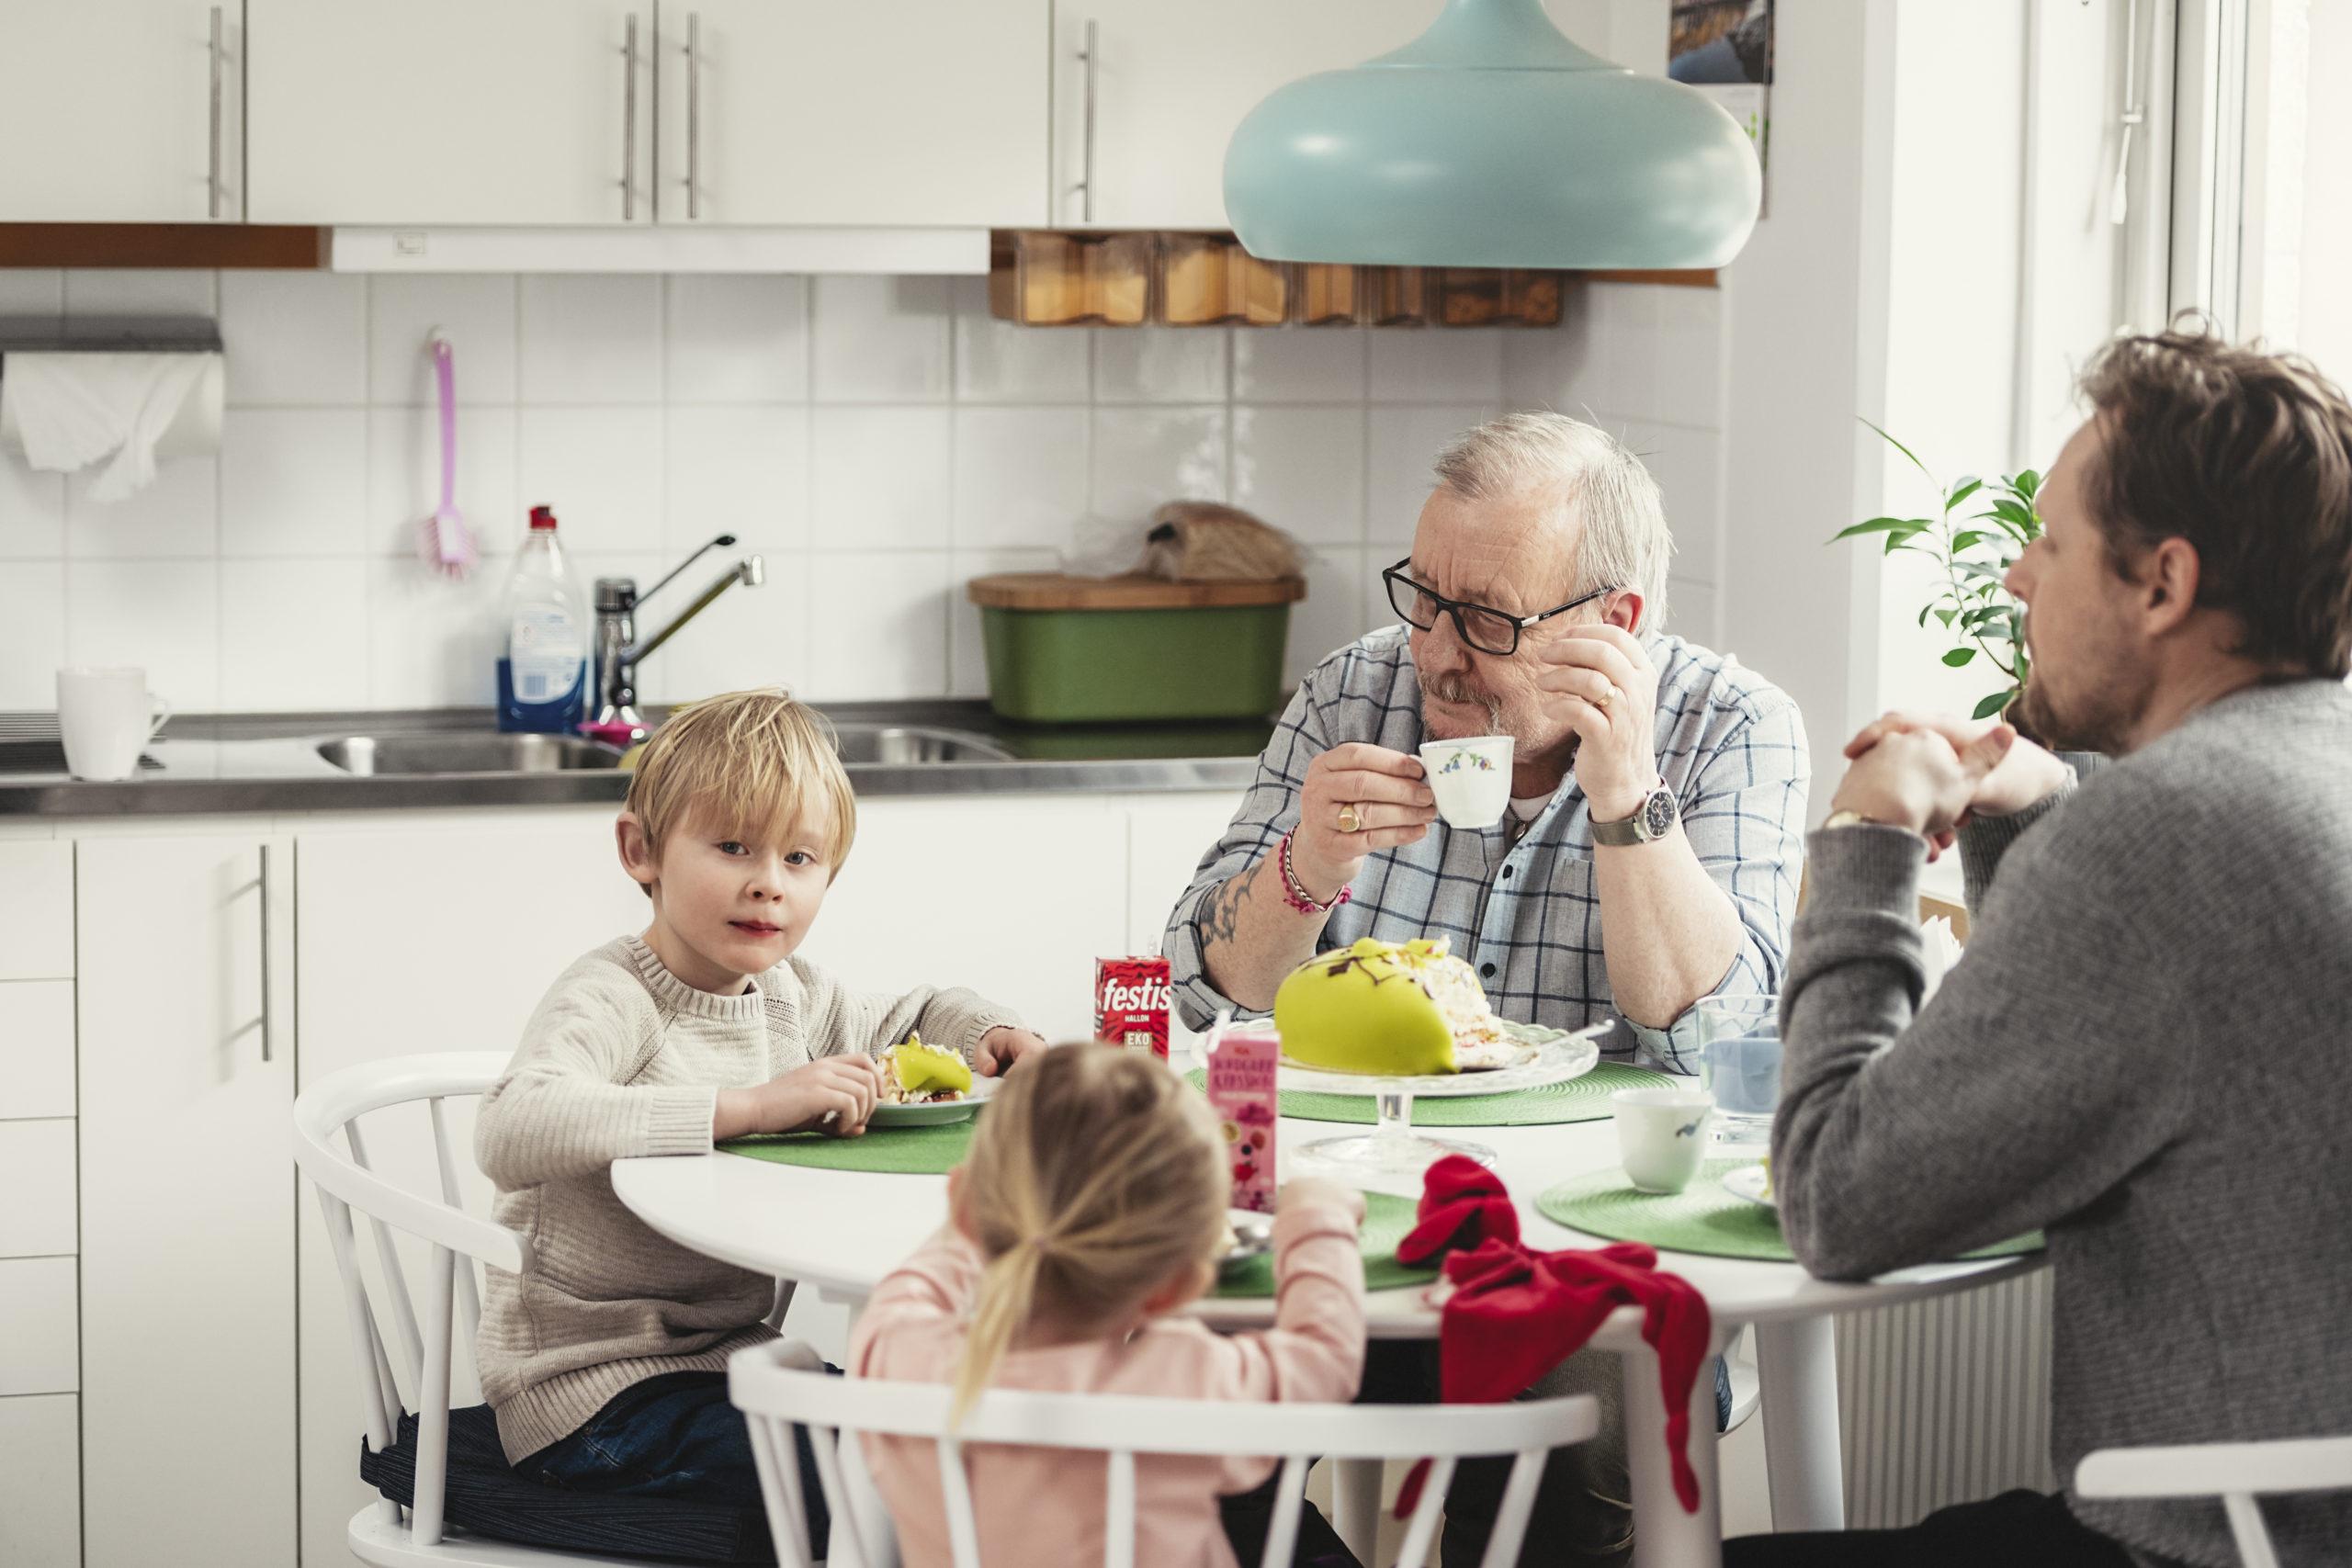 http://Hyresgäst%20sitter%20med%20barn%20och%20barnbarn%20vid%20köksbordet%20och%20fikar